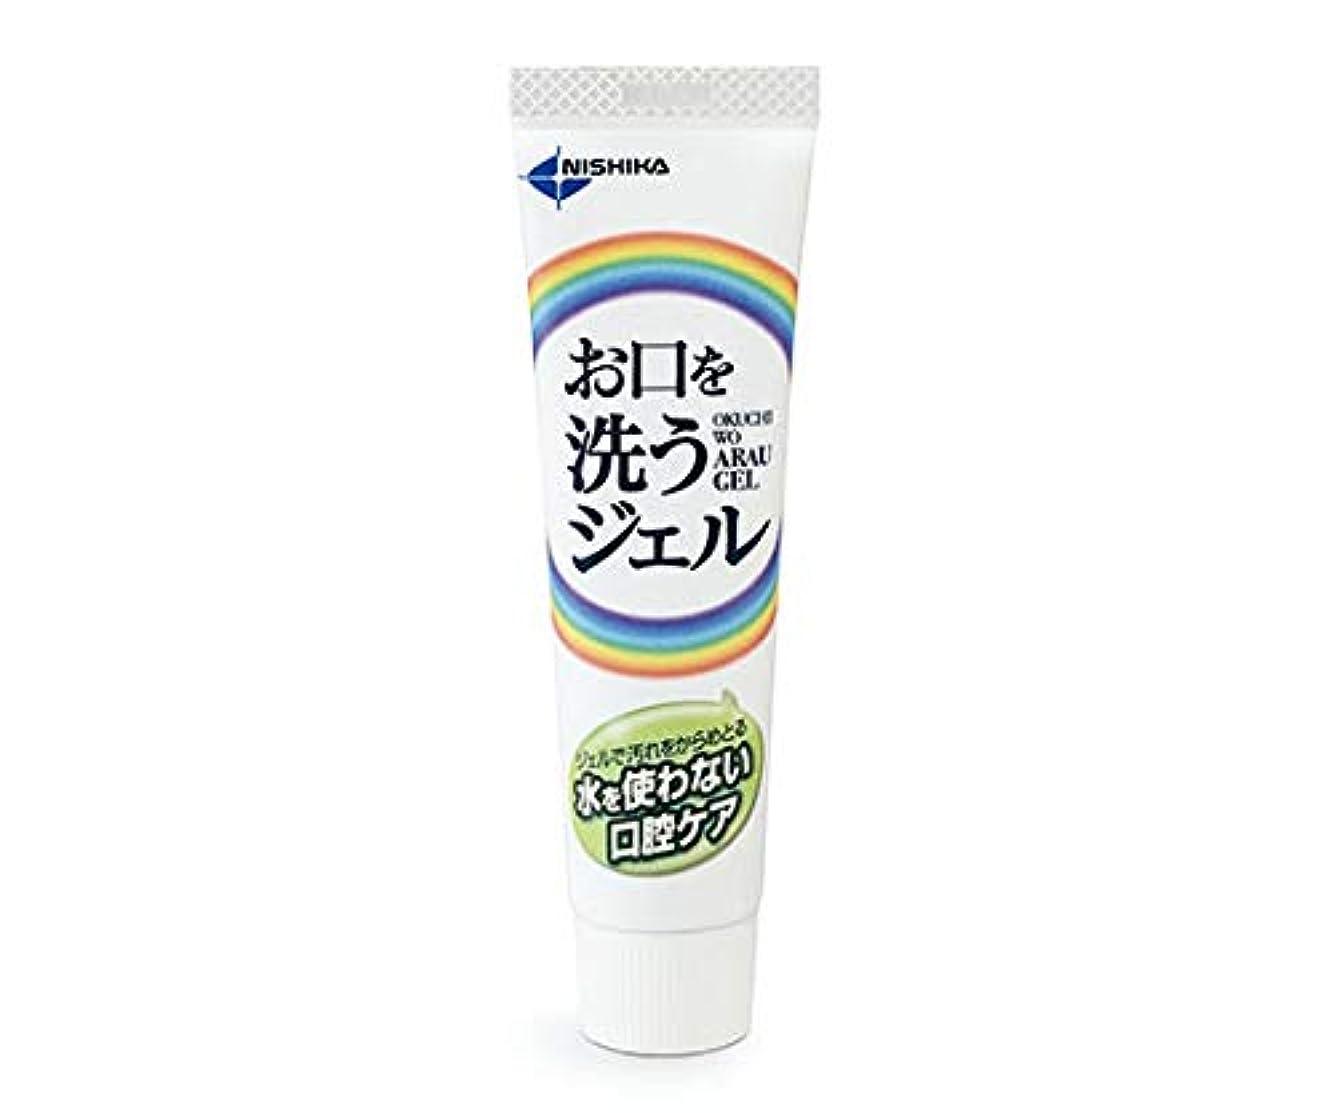 ビート養うリース日本歯科薬品 お口を洗うジェル(口腔ケア用ジェル) 25g